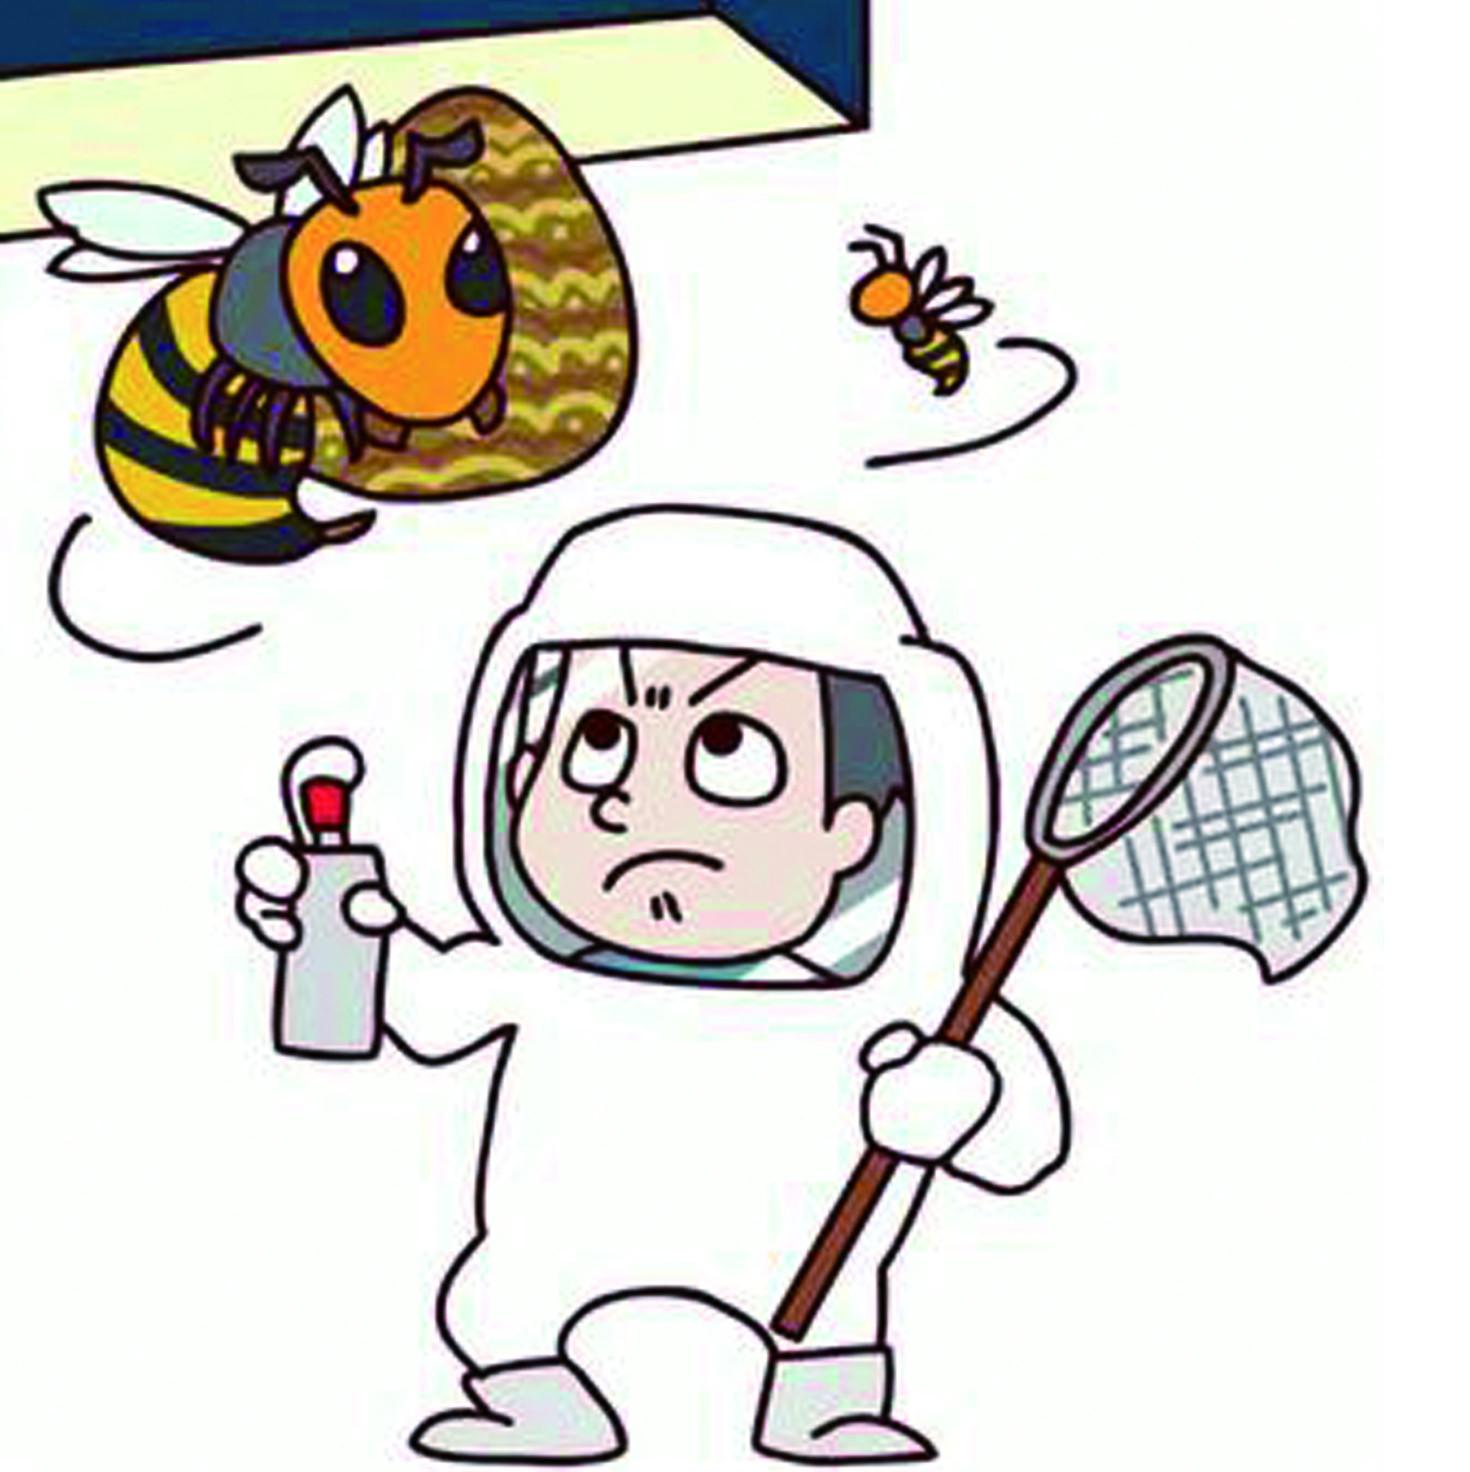 無論在野外、在家中或校園,遇上幾隻蜜蜂一定是會令人相當緊張。 不過,謹記一個原則,先離開就對了!不要主動靠近蜜蜂, 不要揮手驅趕,不要試圖摘除蜂窩。離開現場後再來聯絡相關單位處理, 無論是請各縣市負責的單位做初步處理,或委託民間的除蟲公司來協助, 交由專業處理總比自己窮忙暴露於危險之中好。